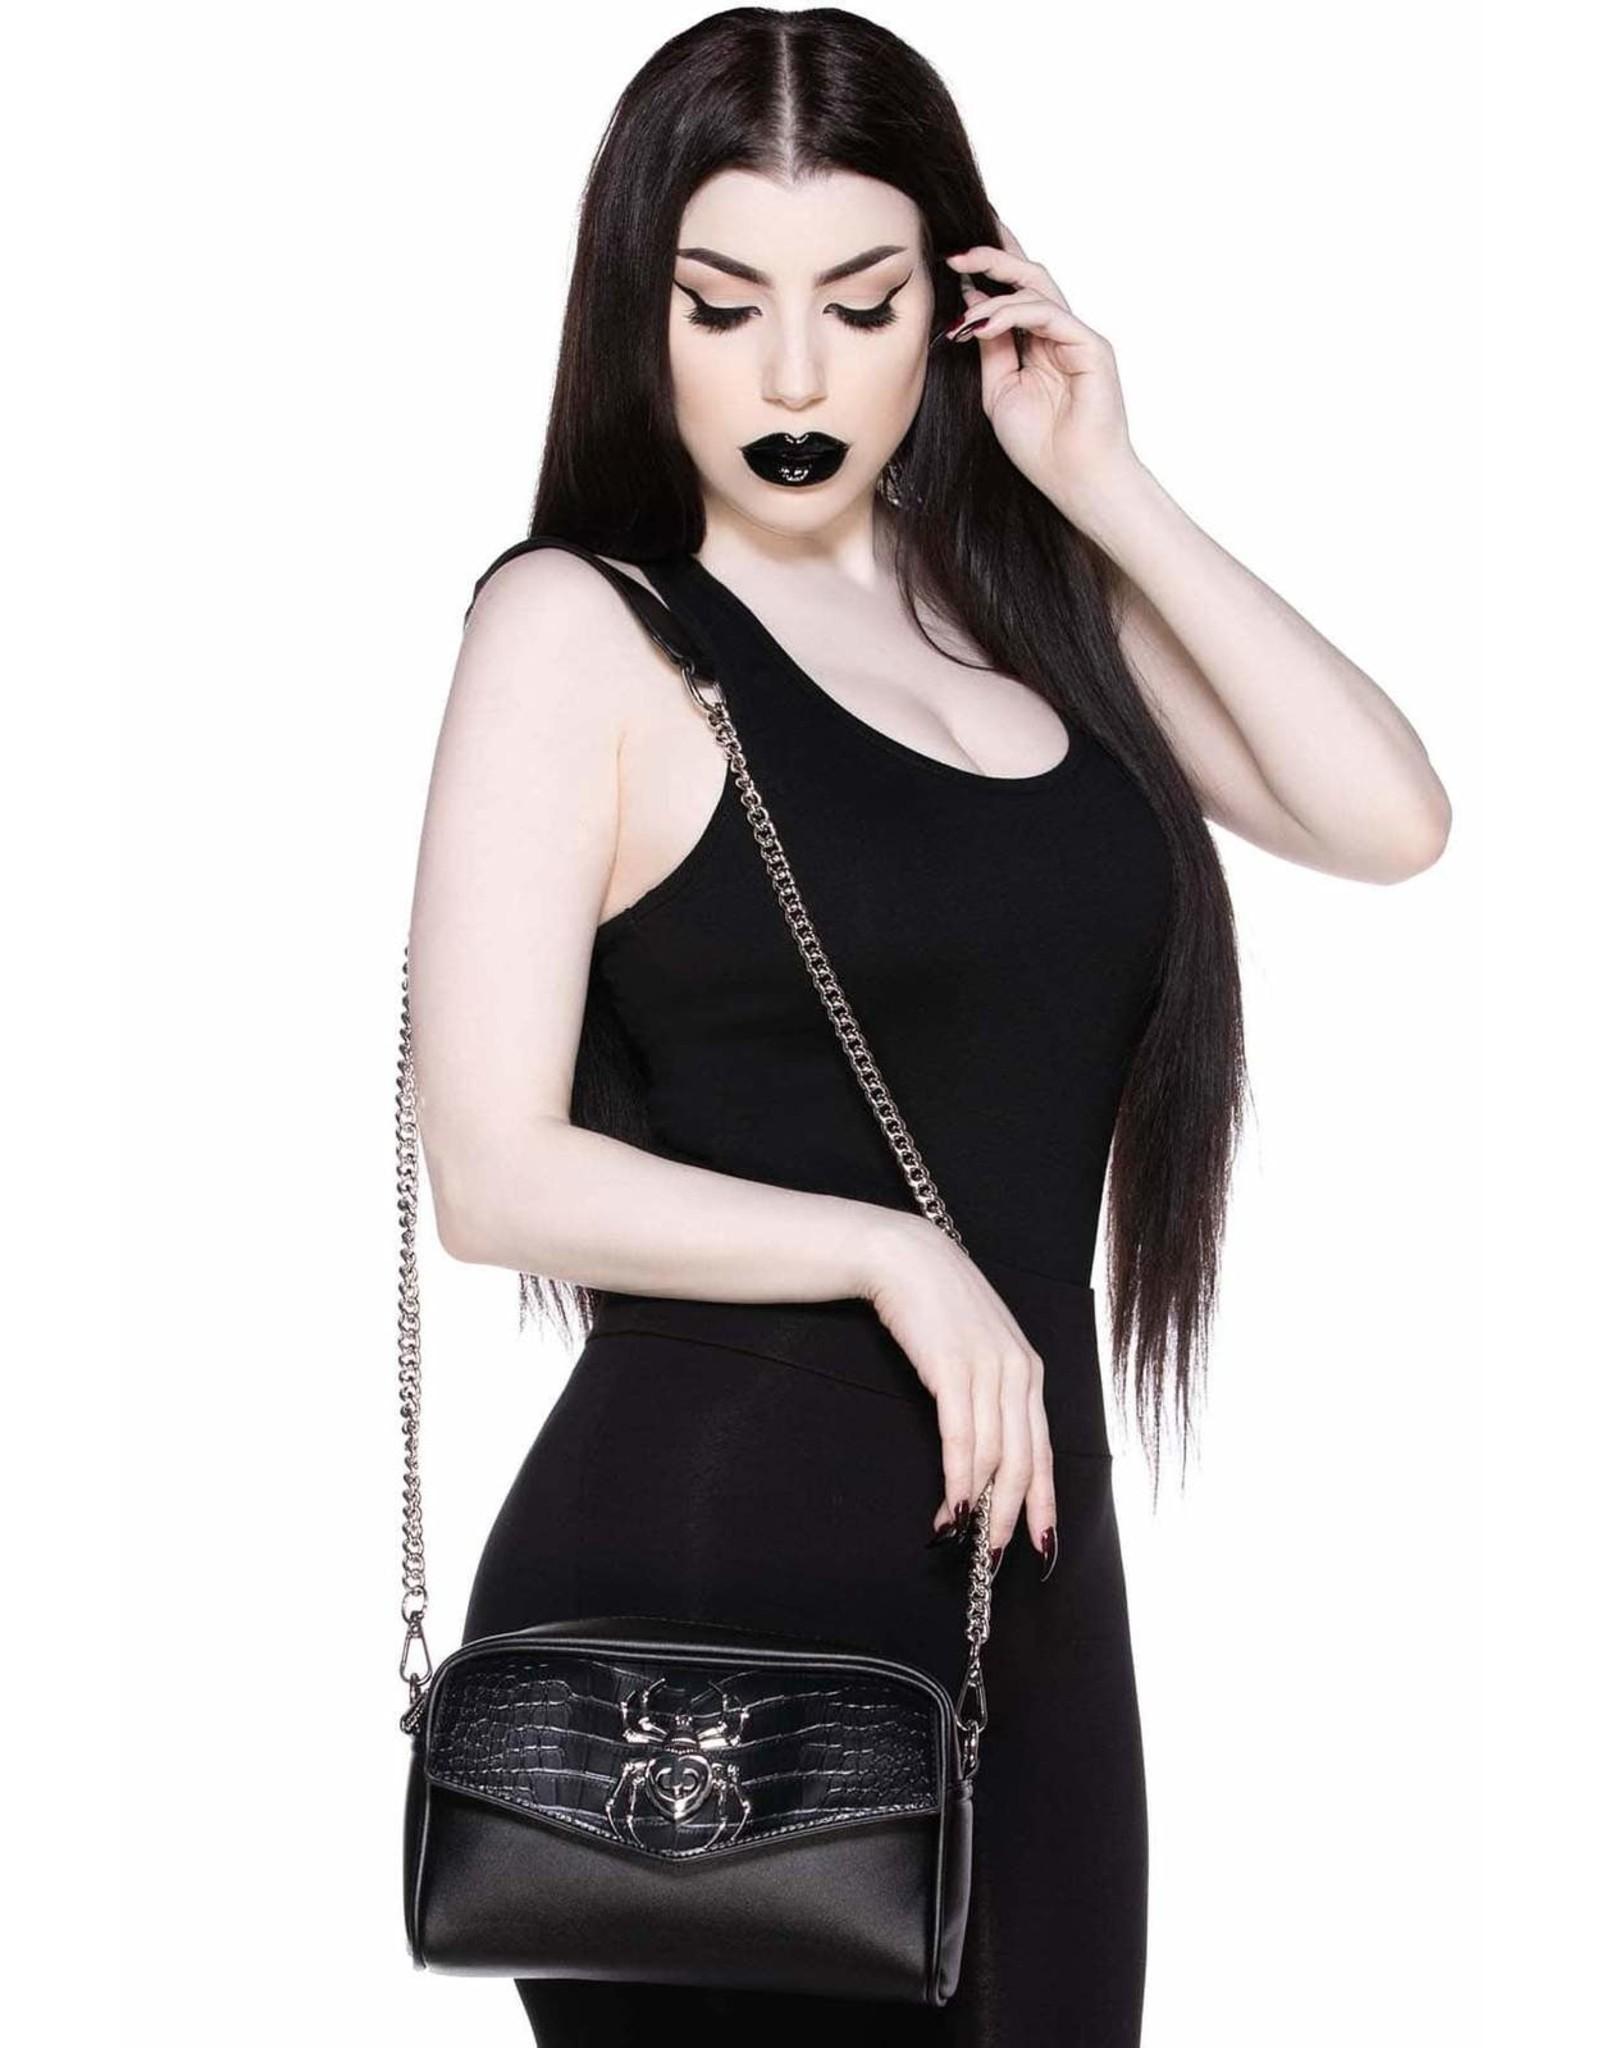 Killstar Killstar tassen en accessoires - Killstar crossbody tas Black Widow